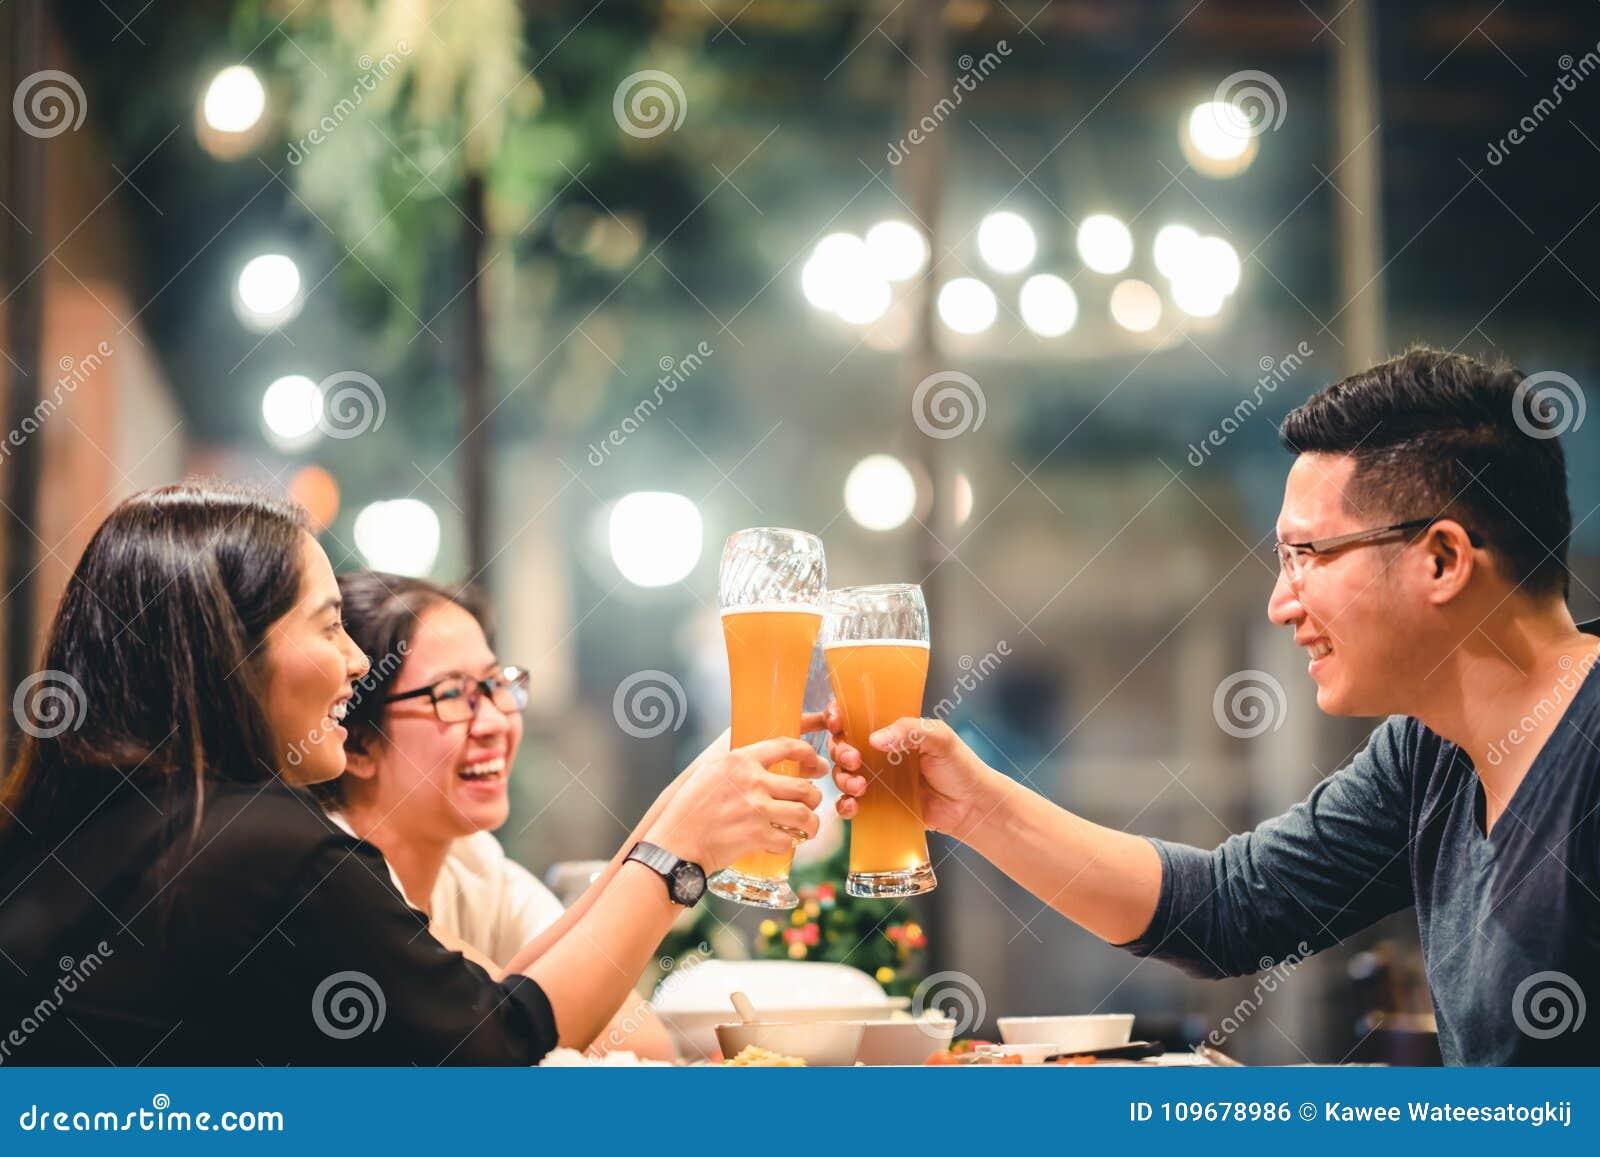 Ασιατικοί φίλοι ή συνάδελφοι ενθαρρυντικοί με την μπύρα, γιορτάζοντας μαζί στο εστιατόριο ή τη λέσχη νύχτας Νέοι που ψήνουν στο κ